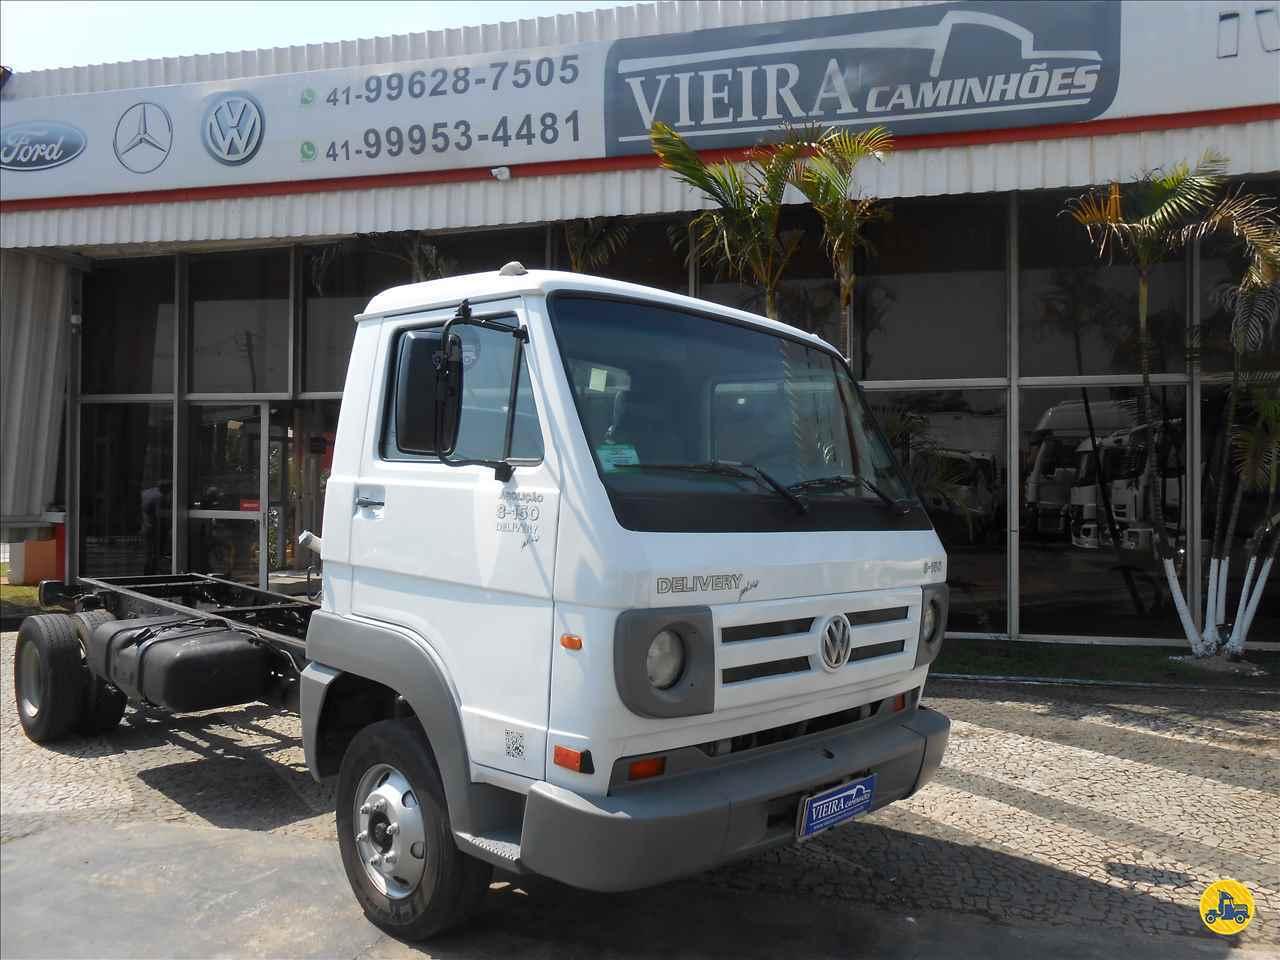 CAMINHAO VOLKSWAGEN VW 8150 Chassis 3/4 4x2 Vieira Caminhões CURITIBA PARANÁ PR